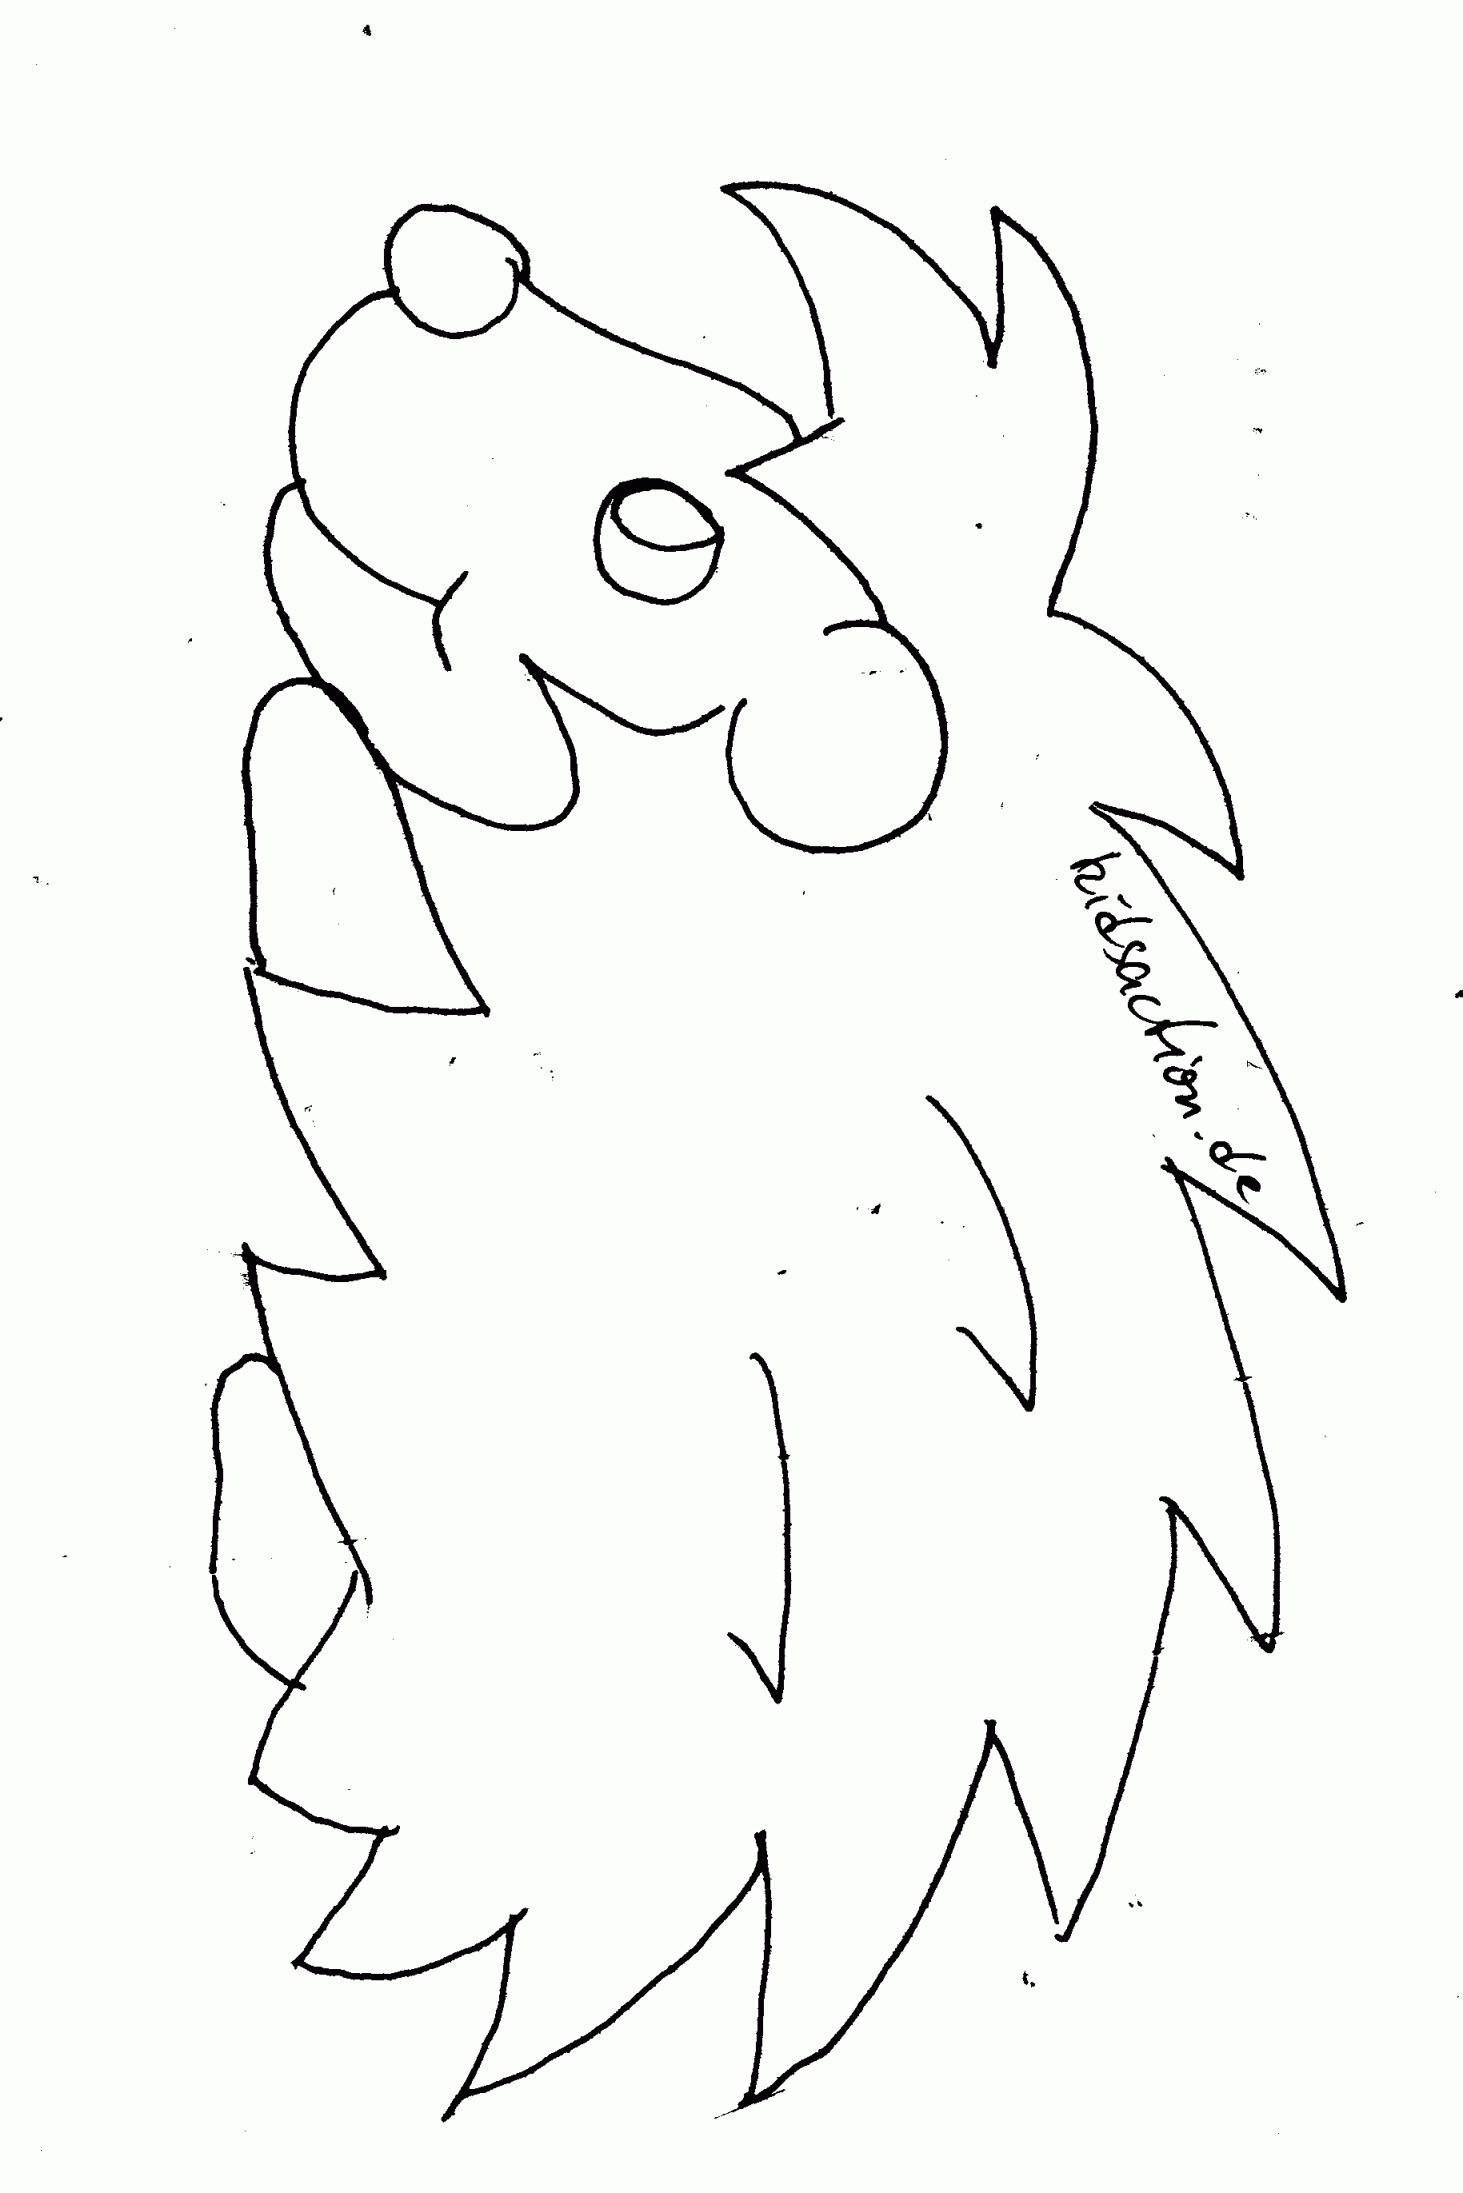 Pokemon Ausmalbilder Kostenlos Frisch 35 Ausmalbilder Zu Ostern Scoredatscore Elegant Pokemon Ausmalbilder Das Bild